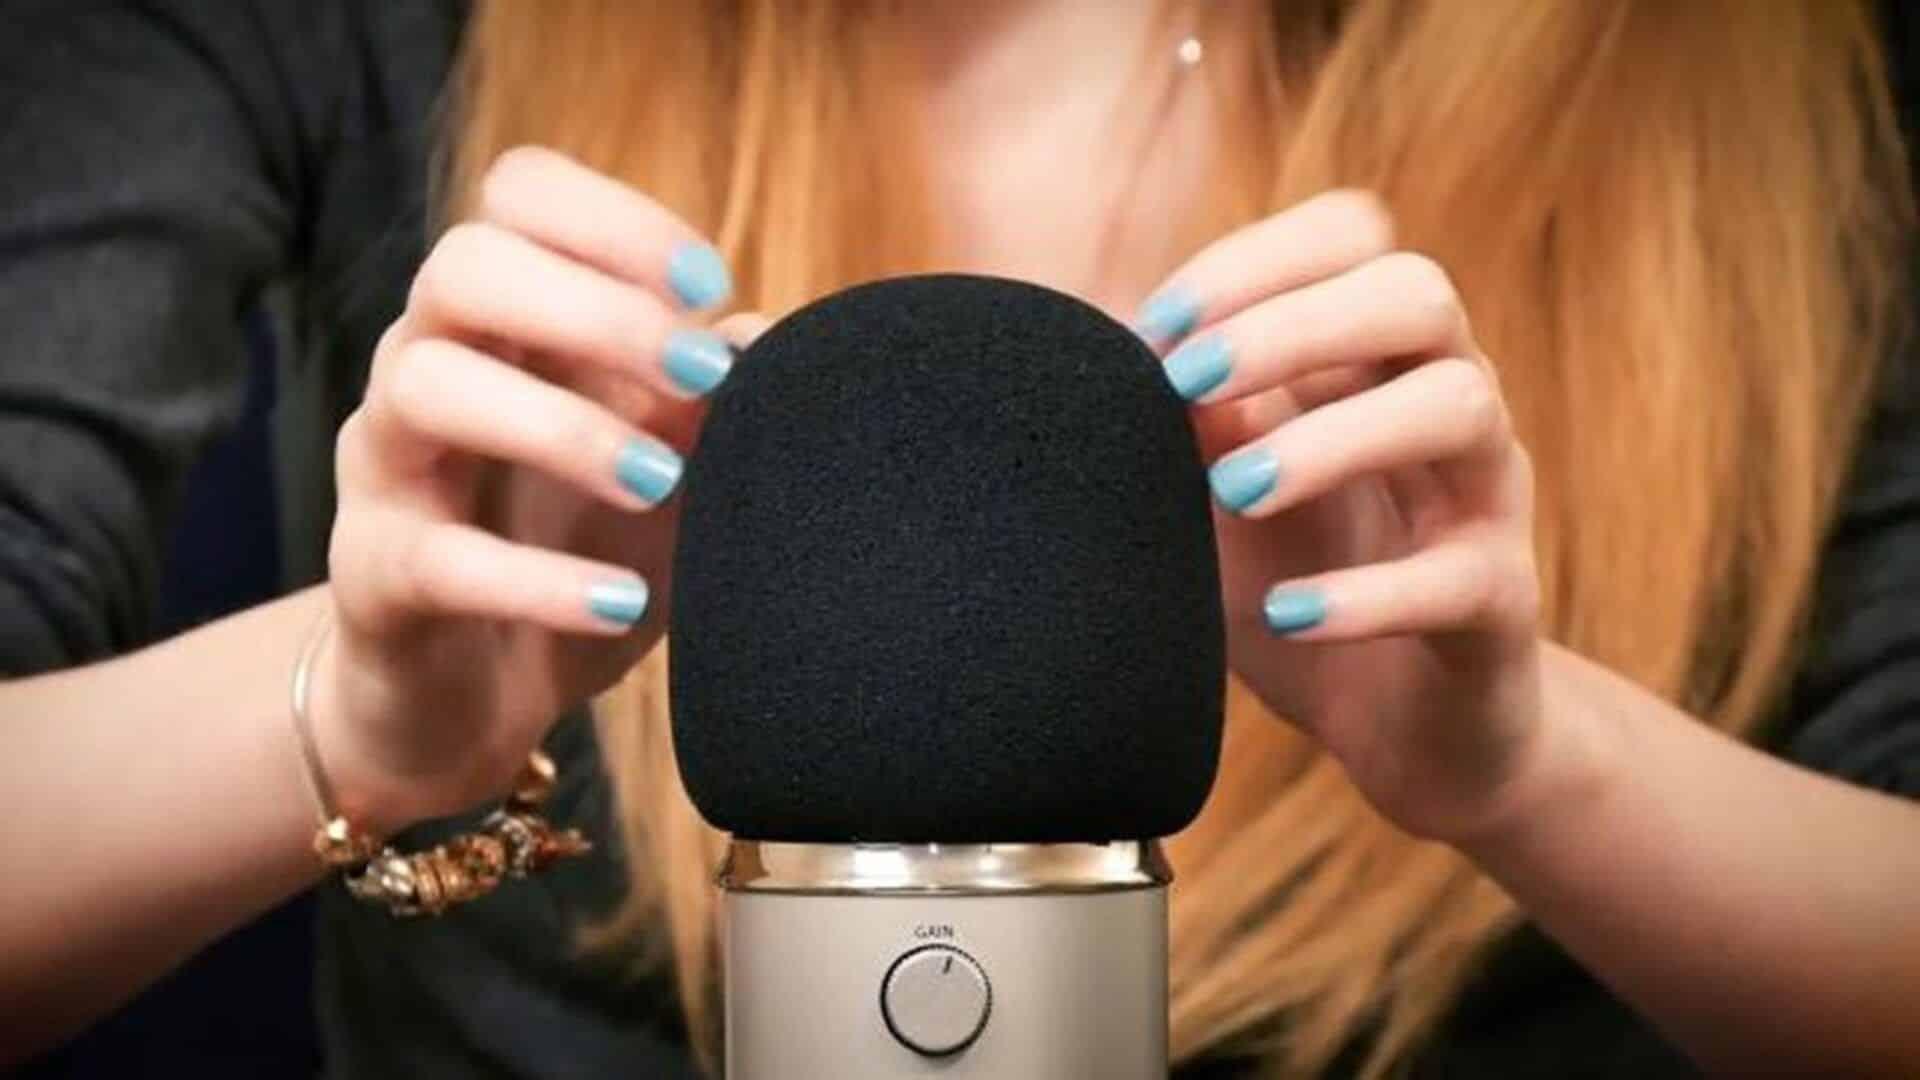 O que é ASMR - os sons prazerosos que conquistaram o YouTube